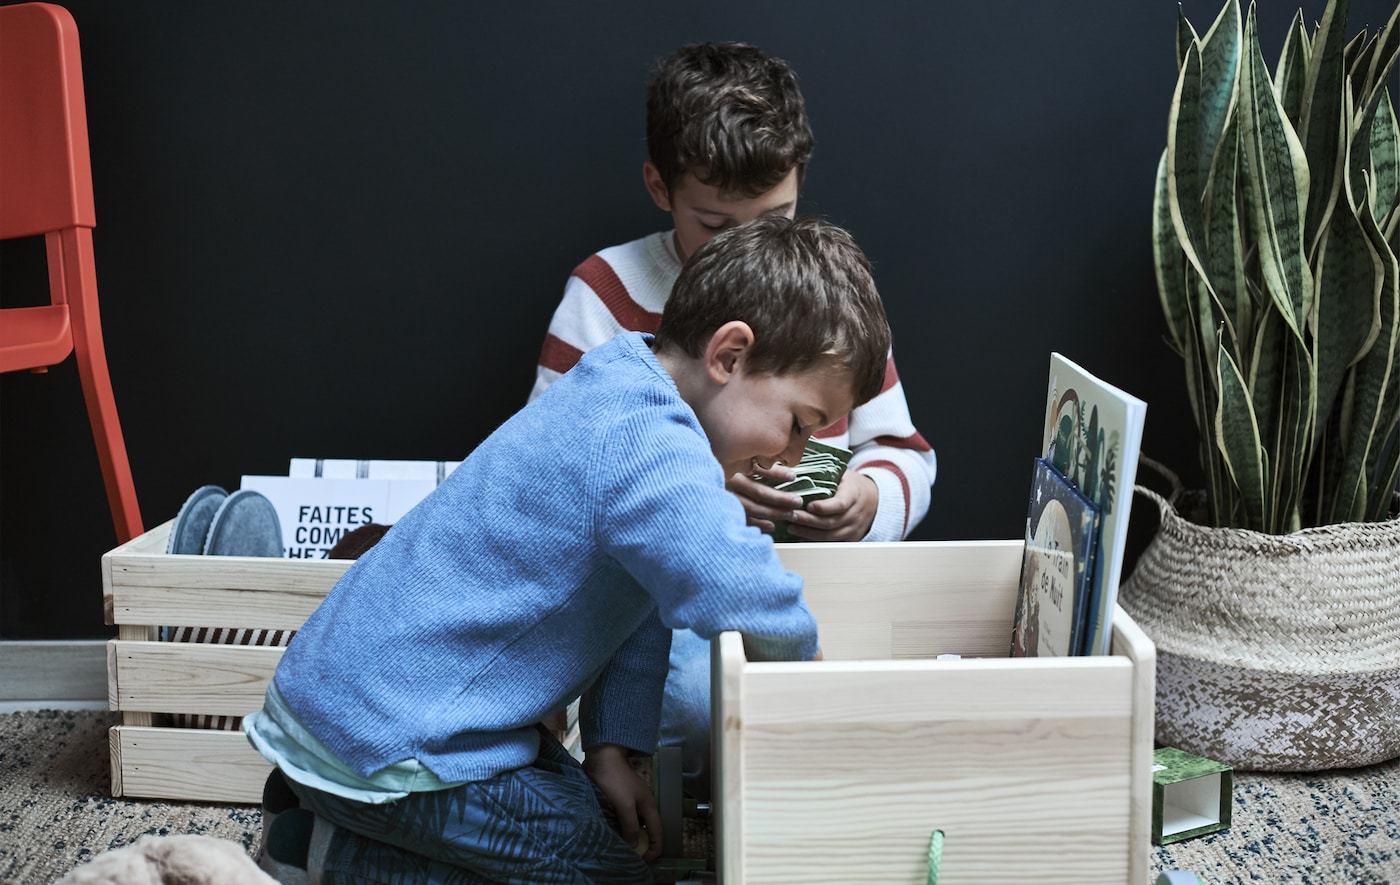 Kaksi poikaa tutkiskelee puista laatikkoa täynnä hauskoja yökyläilyyn sopivia tavaroita.